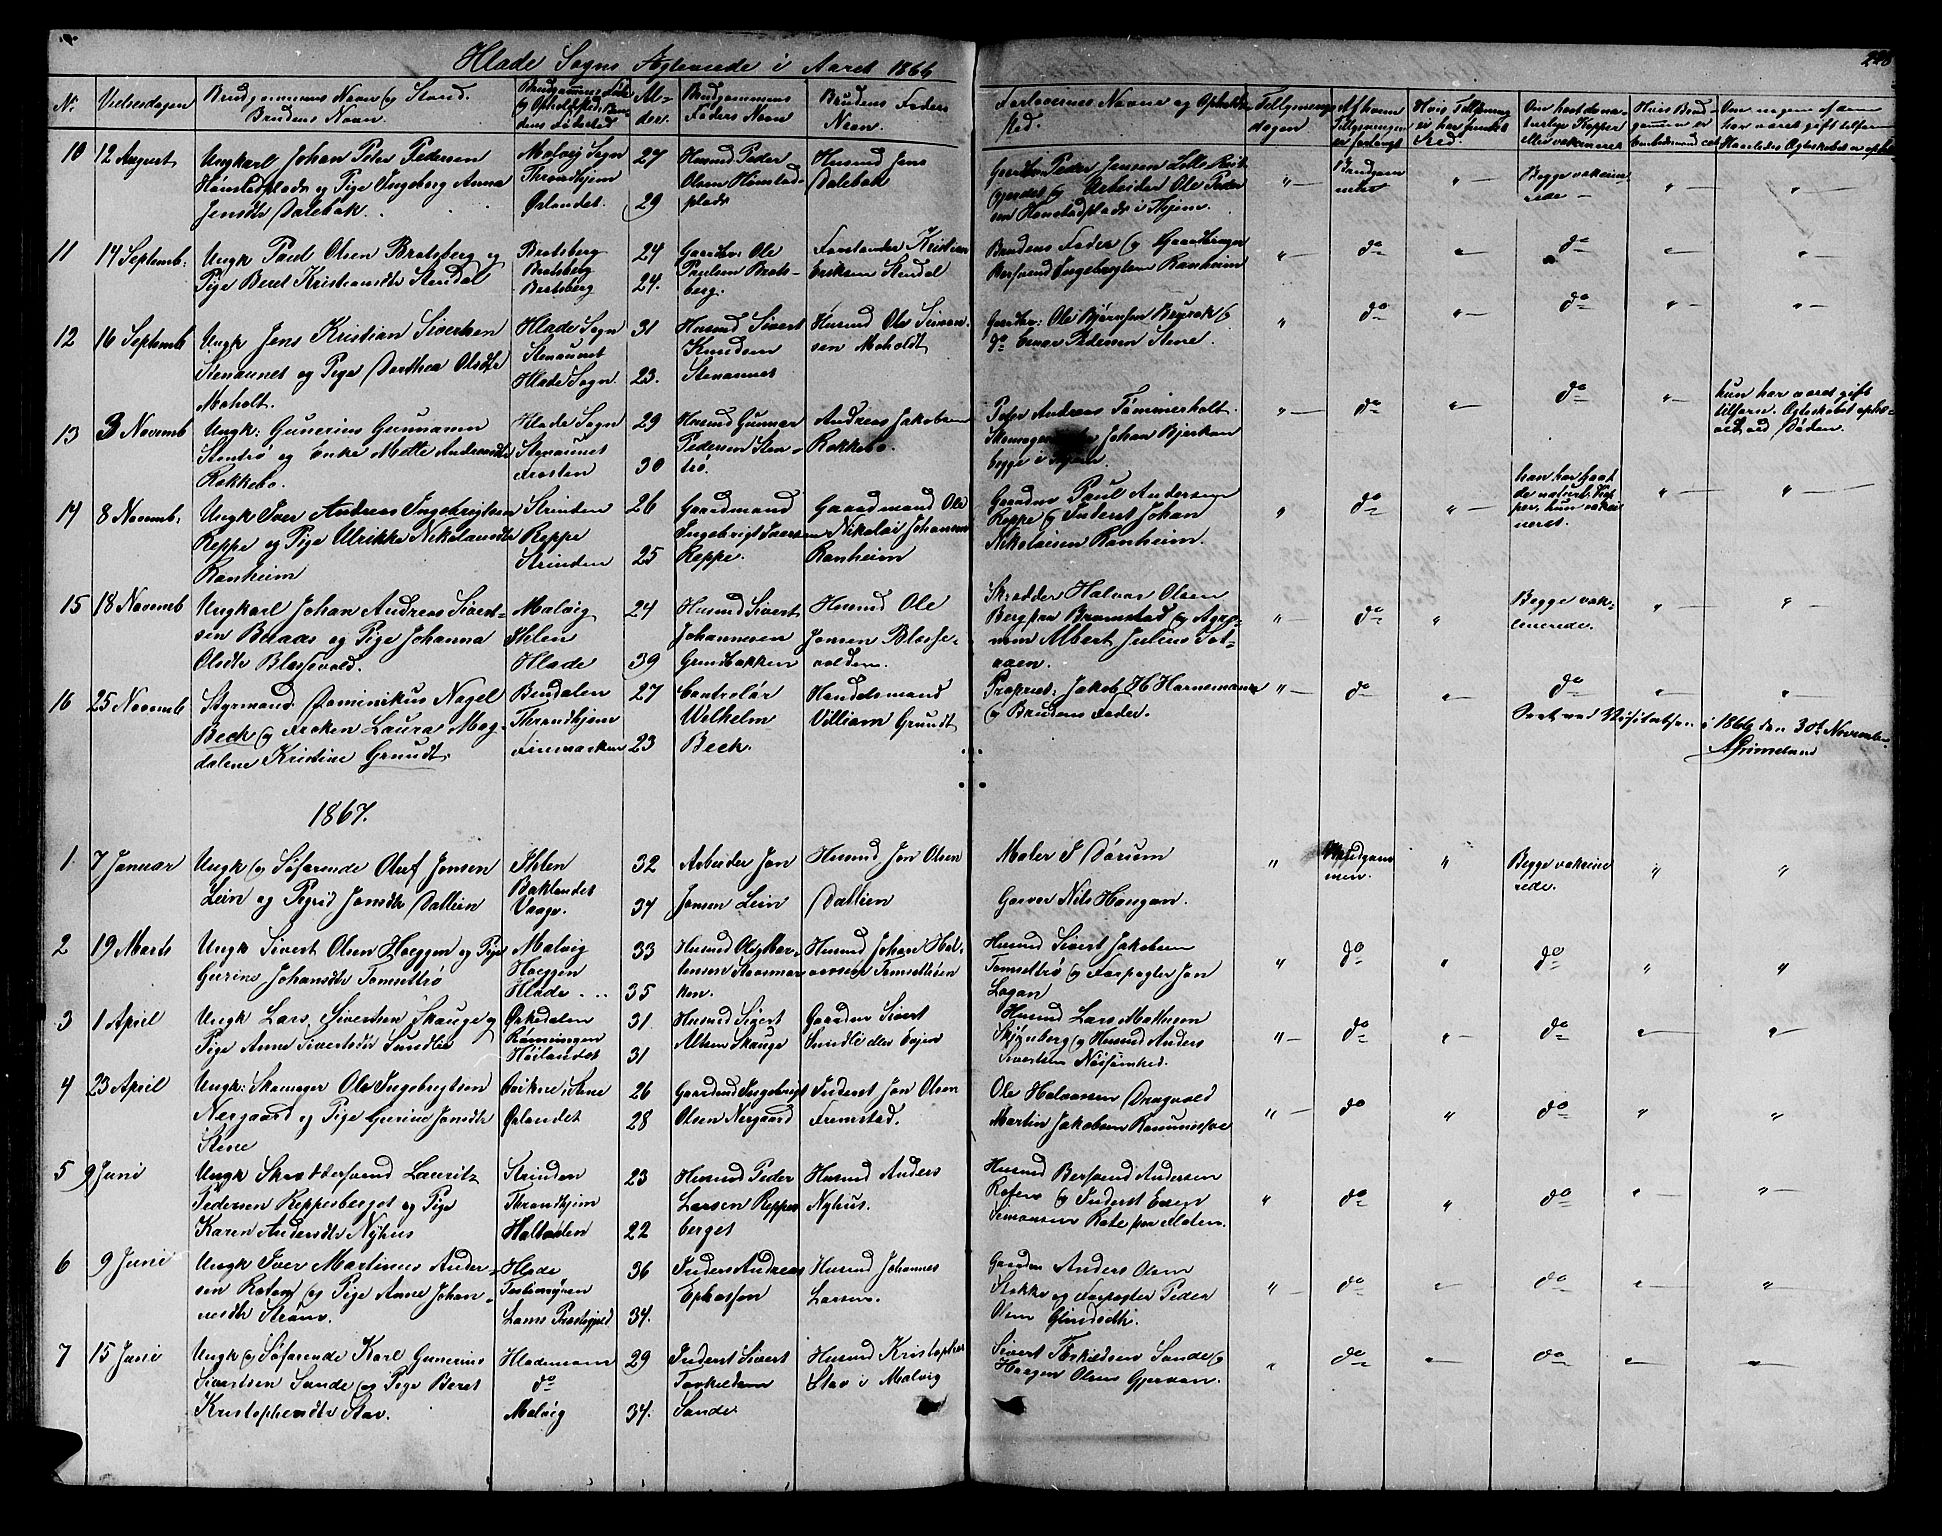 SAT, Ministerialprotokoller, klokkerbøker og fødselsregistre - Sør-Trøndelag, 606/L0311: Klokkerbok nr. 606C07, 1860-1877, s. 228